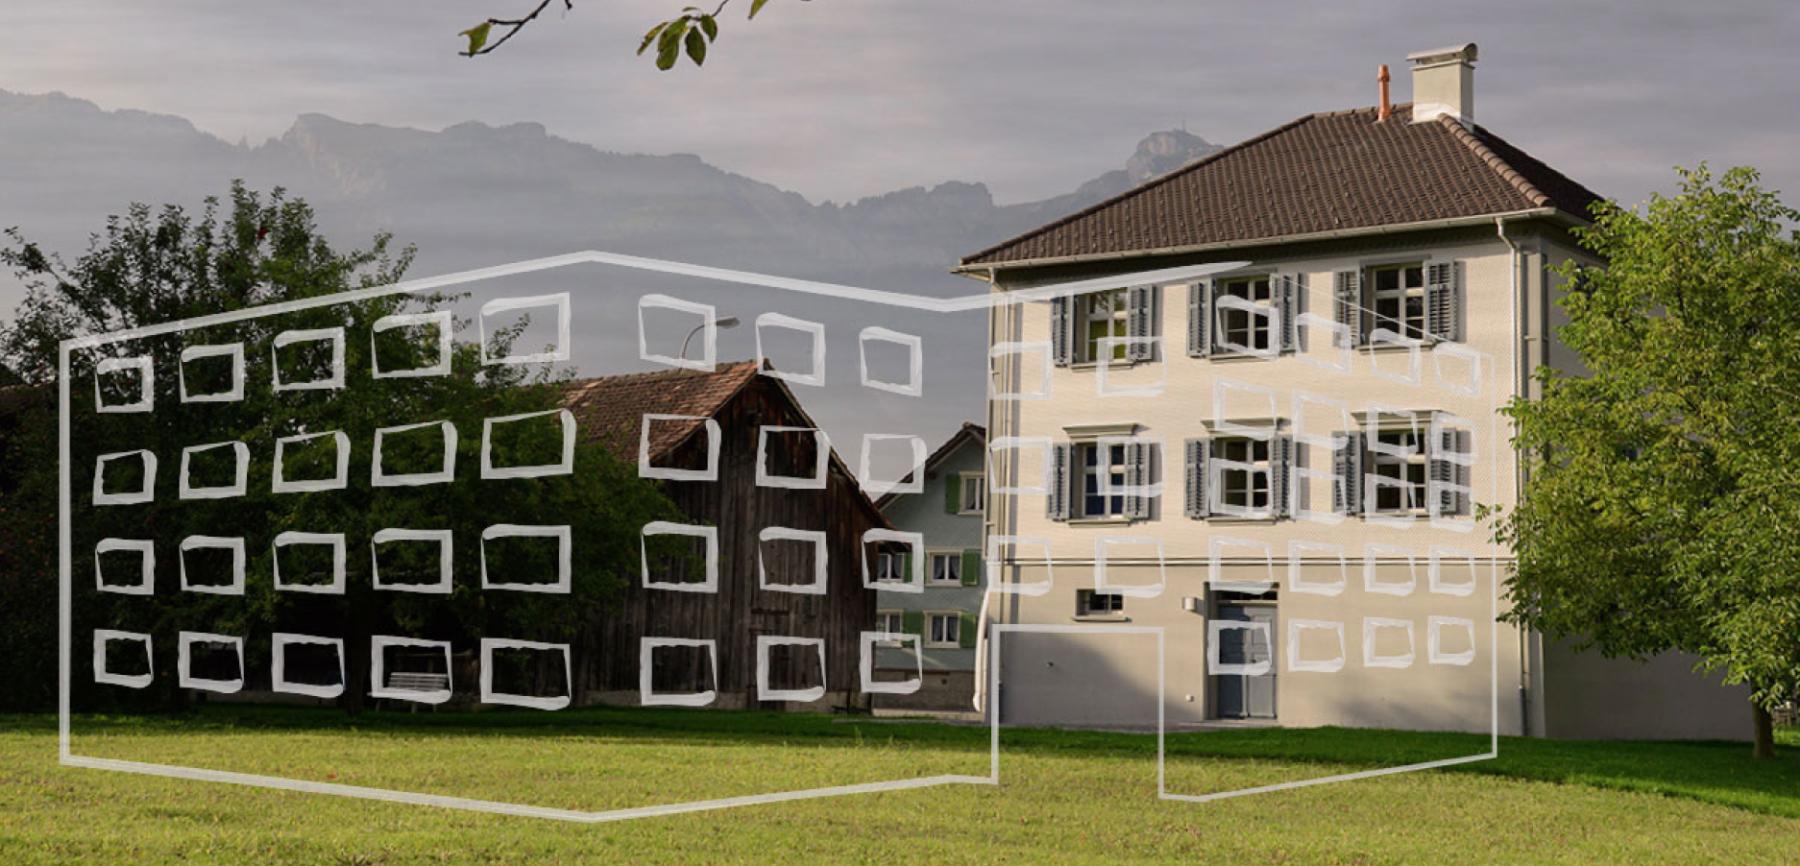 Haus der Nachhaltigkeit, Ruggell